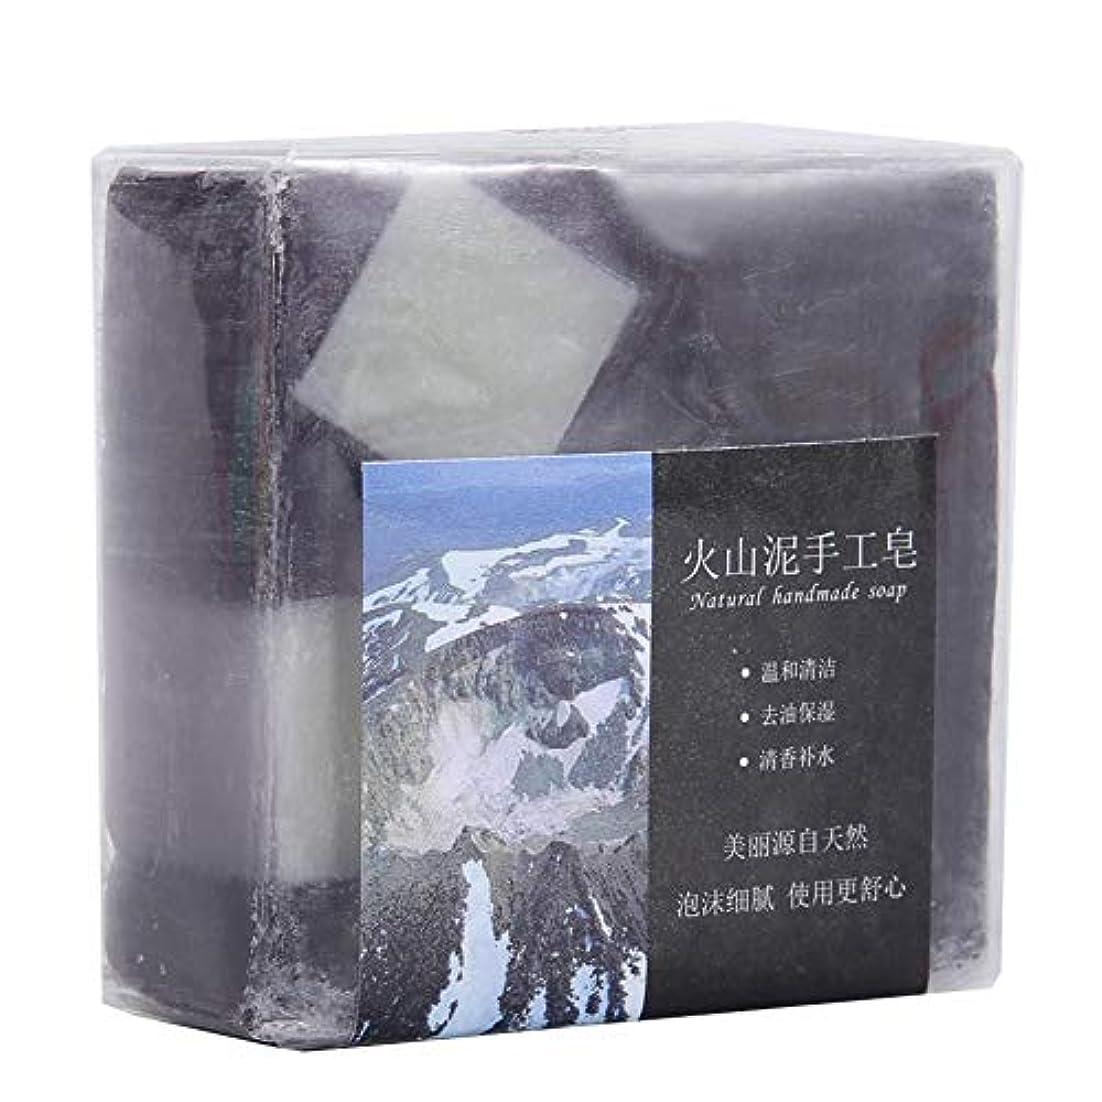 検体療法ジレンマディープクリーニング 火山泥 ハンドメイドグリース 保湿石鹸用 100 G 手作り石鹸